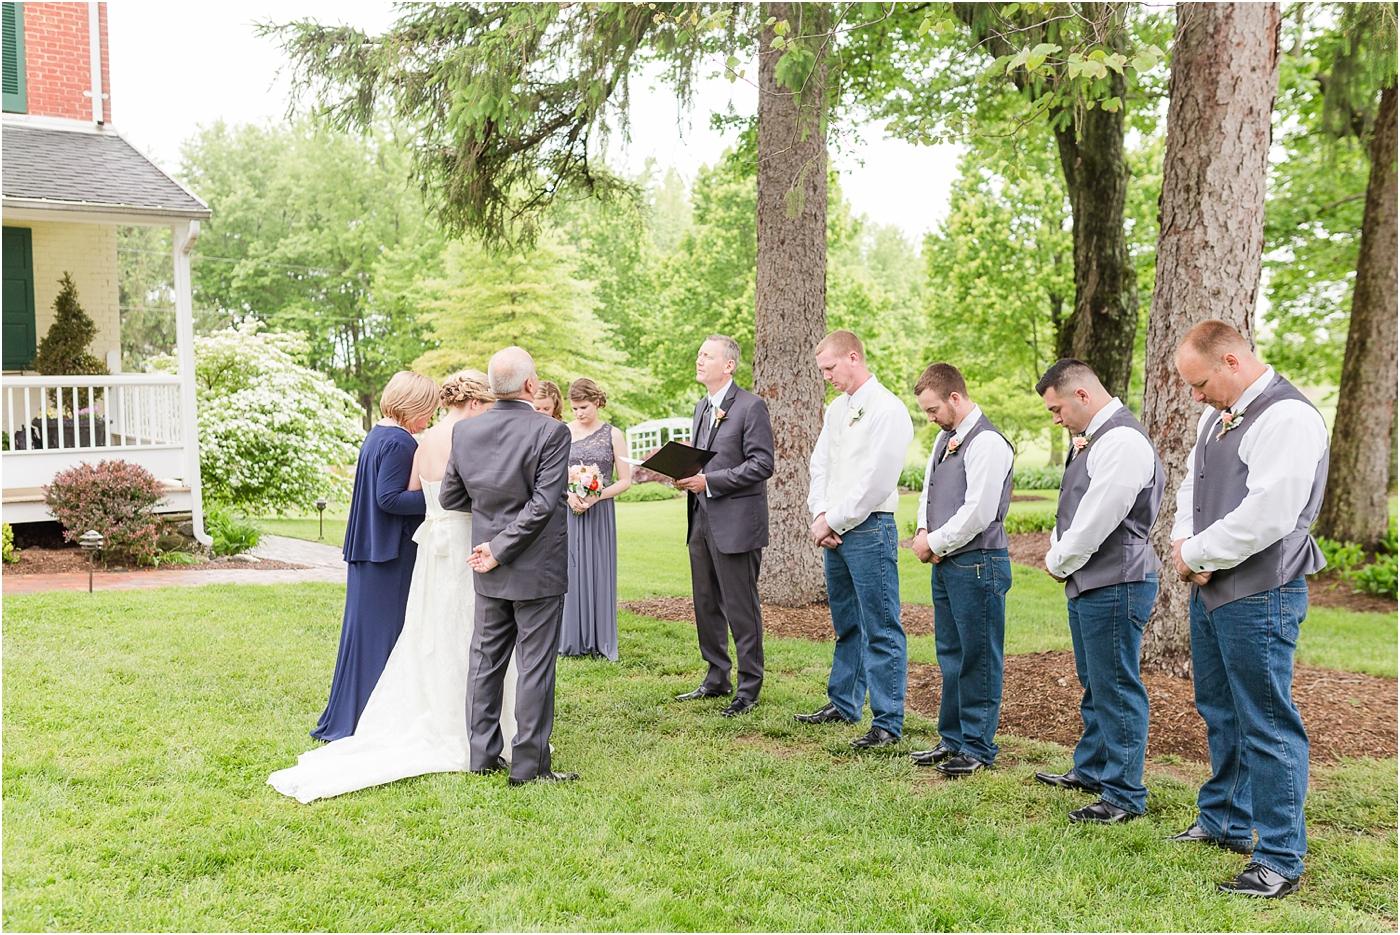 Royer-House-Wedding-Photos-44.jpg